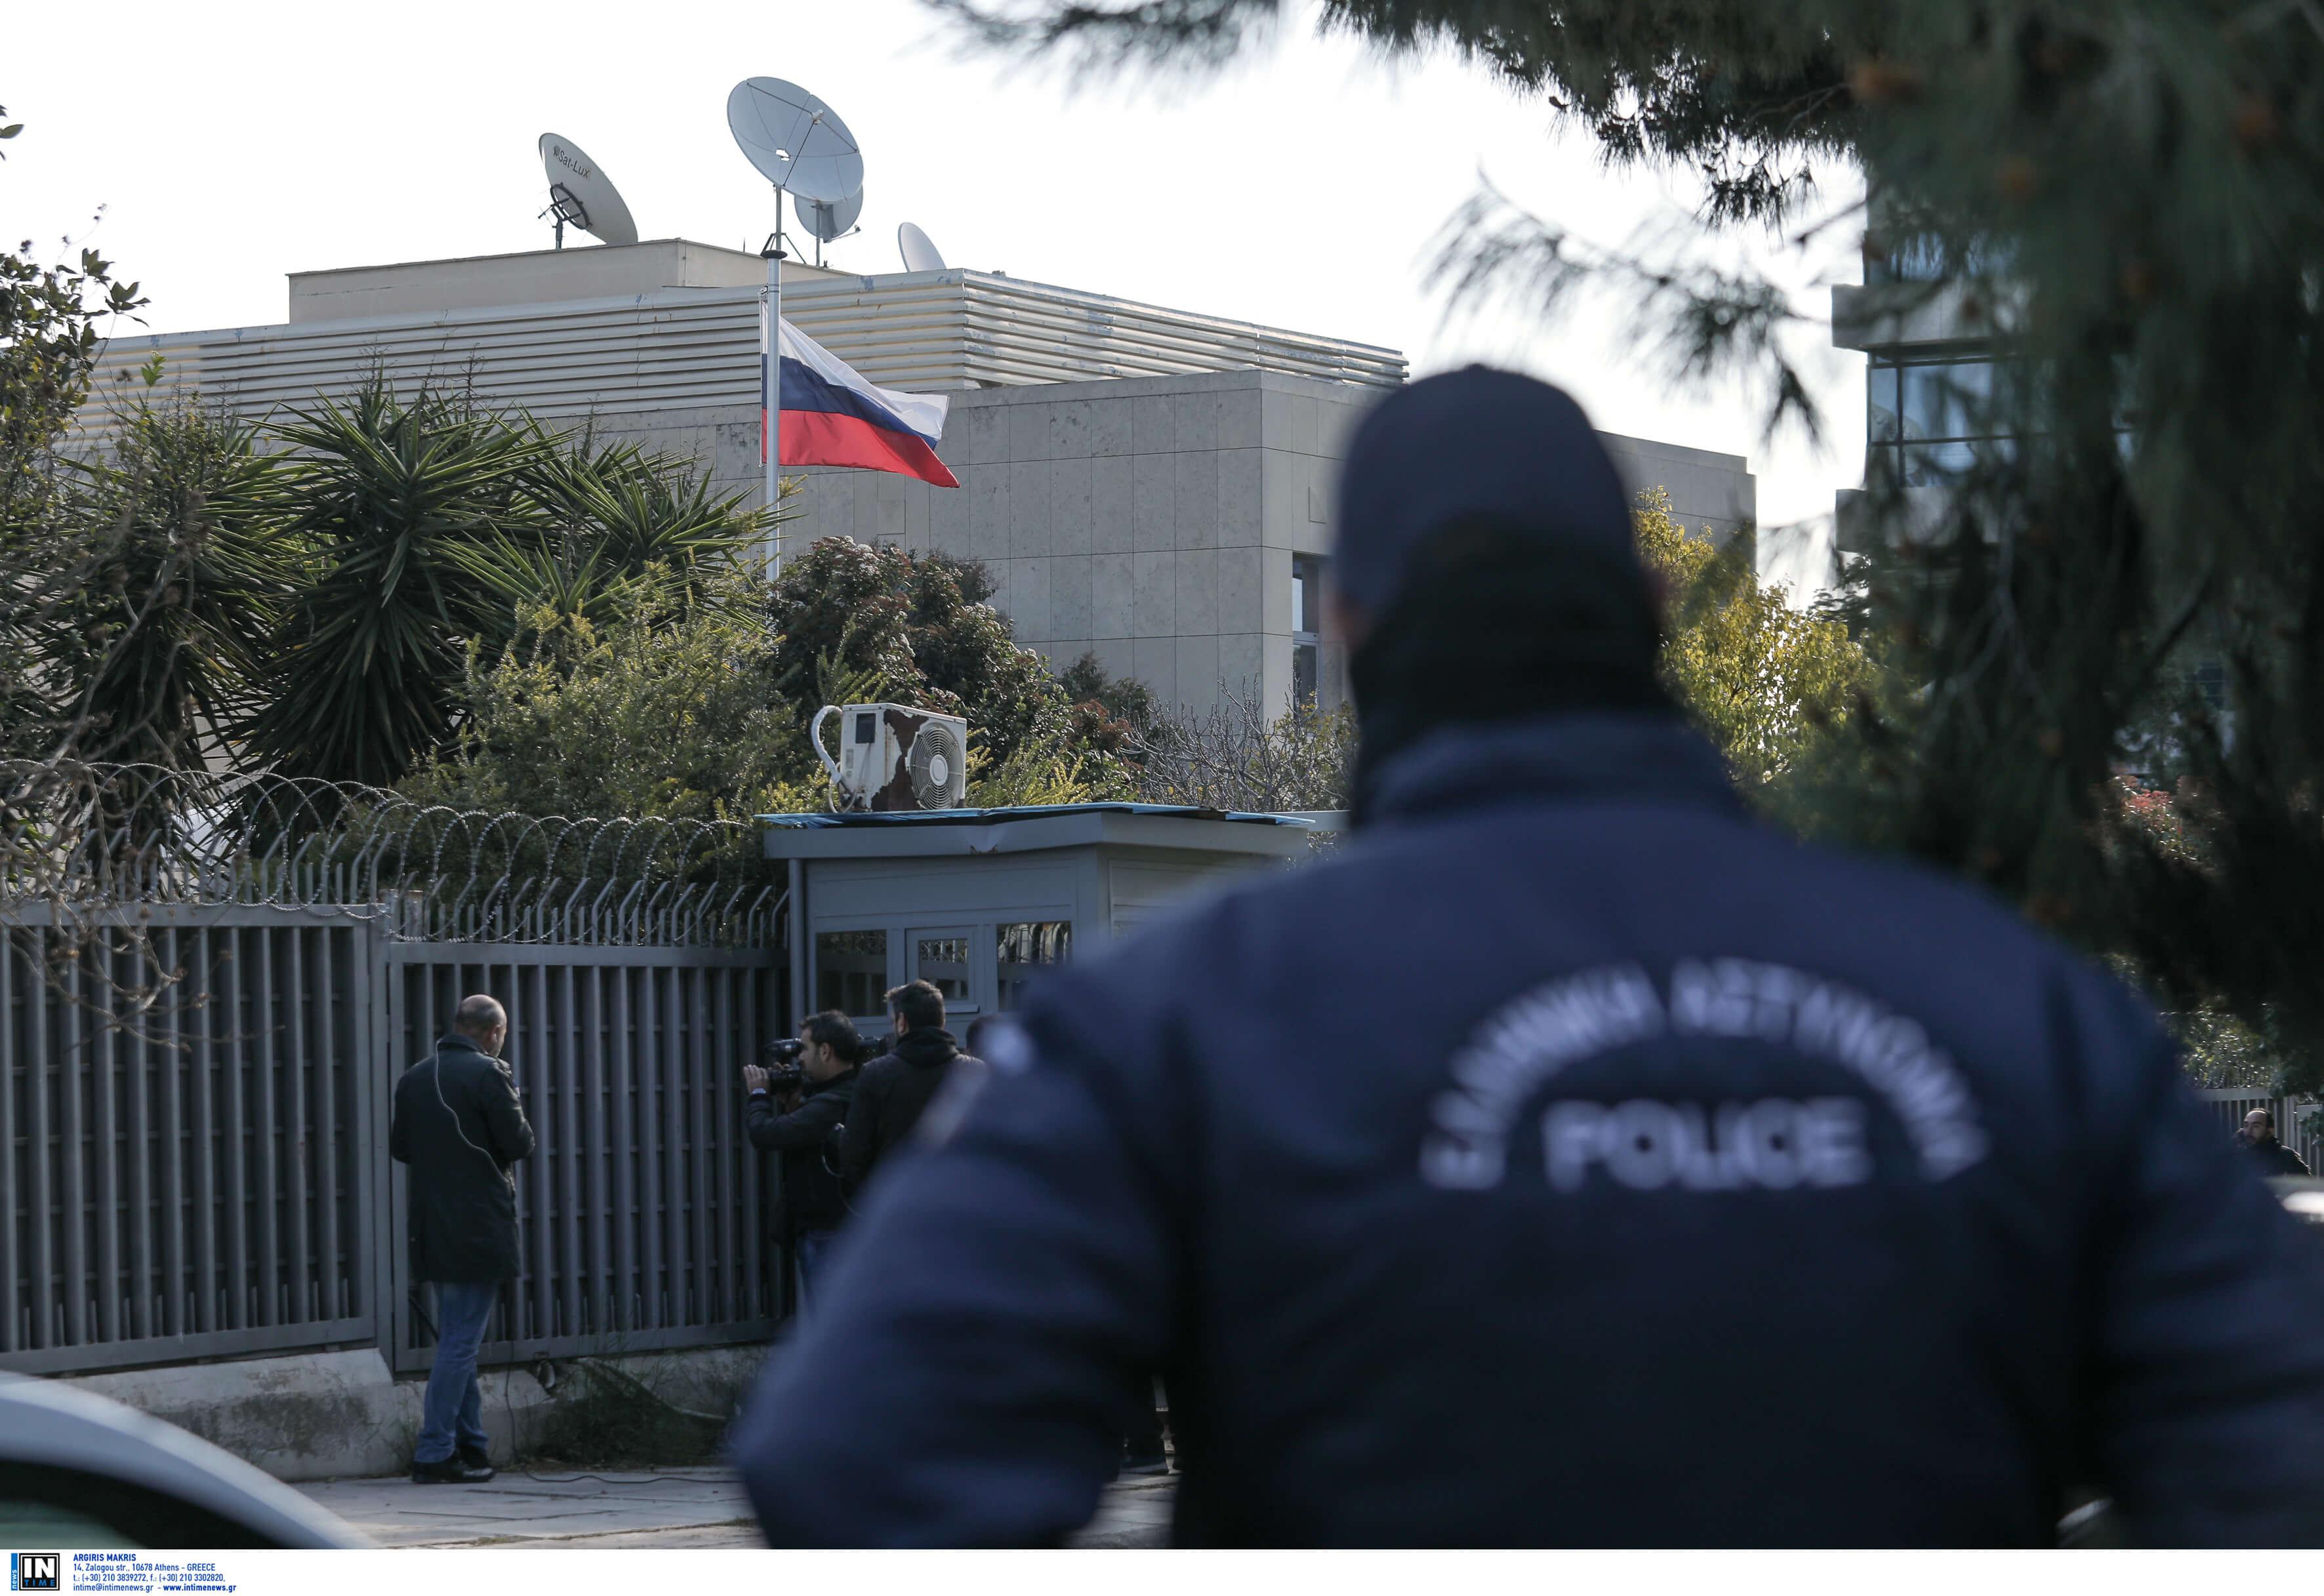 Έκρηξη χειροβομβίδας στο ρωσικό προξενείο στο Χαλάνδρι – Που στρέφονται οι έρευνες της αντιτρομοκρατικής